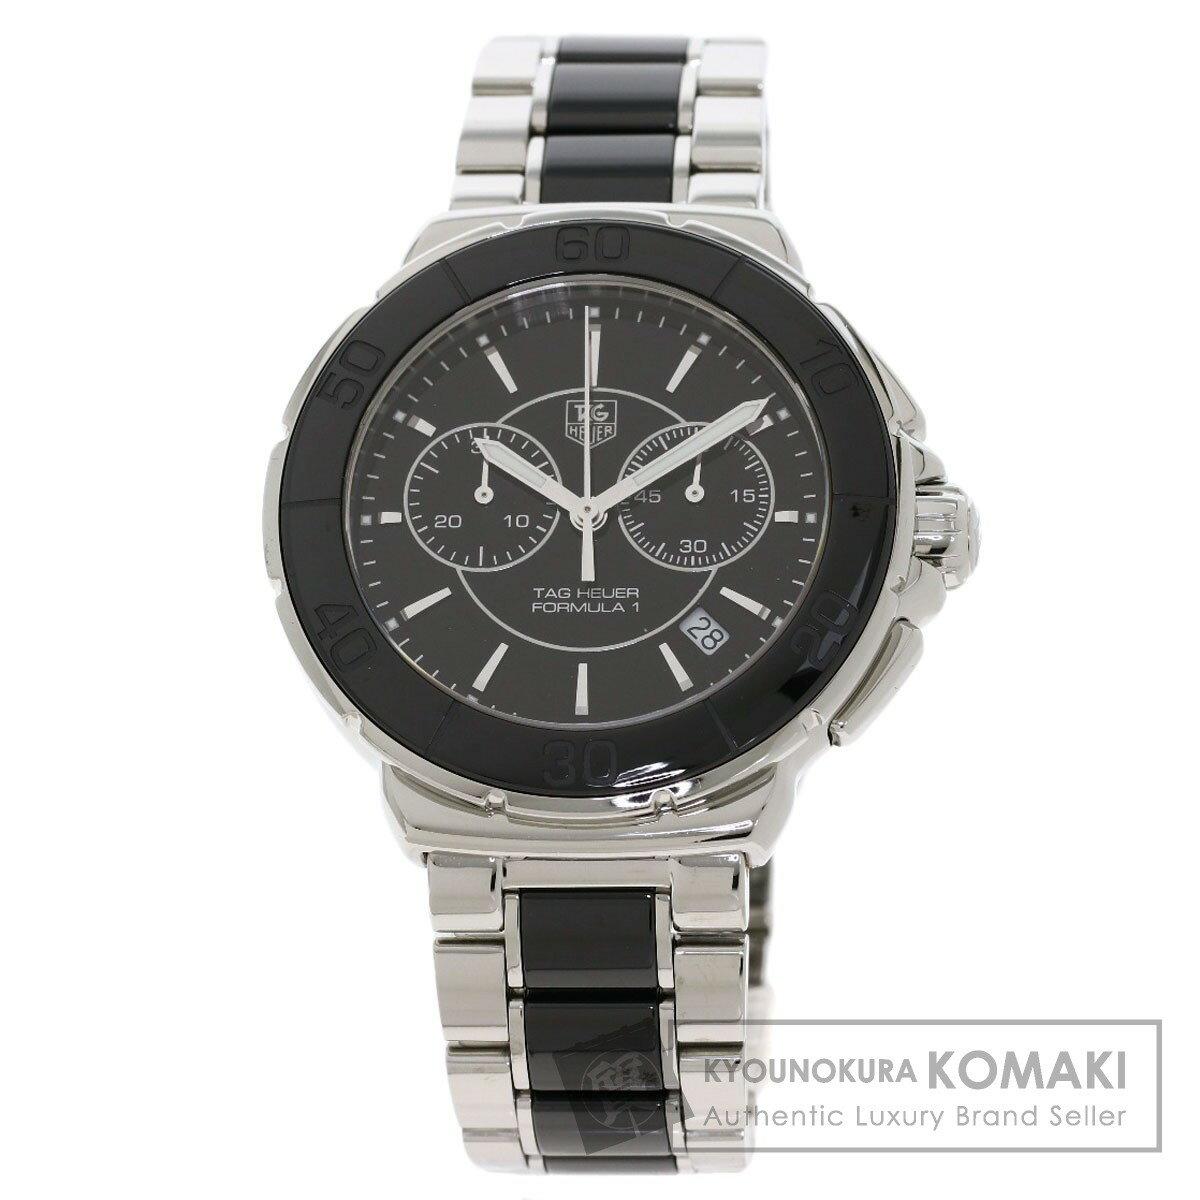 腕時計, メンズ腕時計 245!85()23:59 CAH1210 1 SSx TAG HEUER